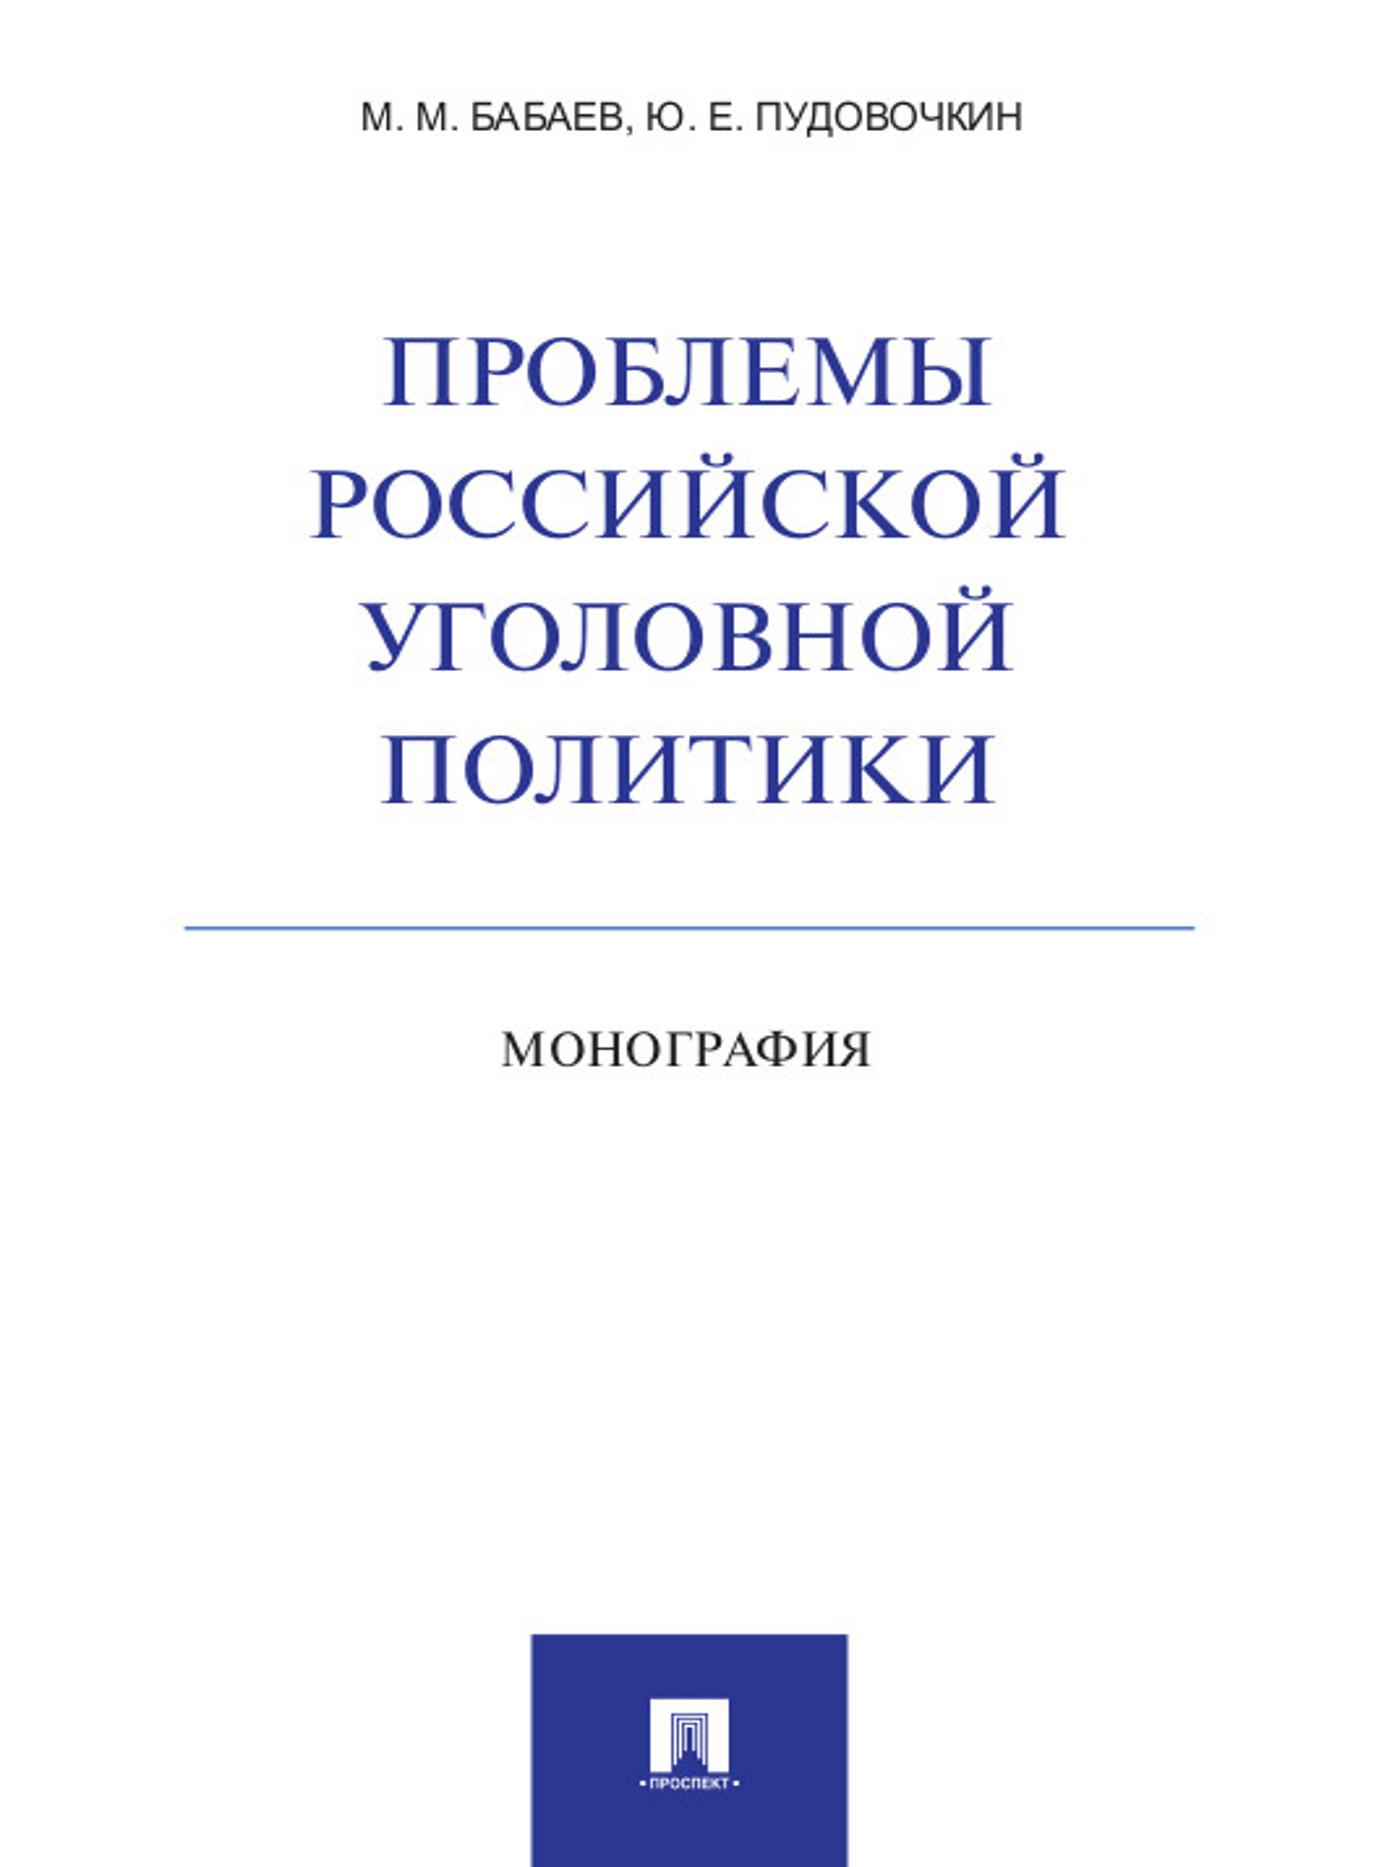 М. М. Бабаев Проблемы российской уголовной политики шахай а якубовски м философия политики